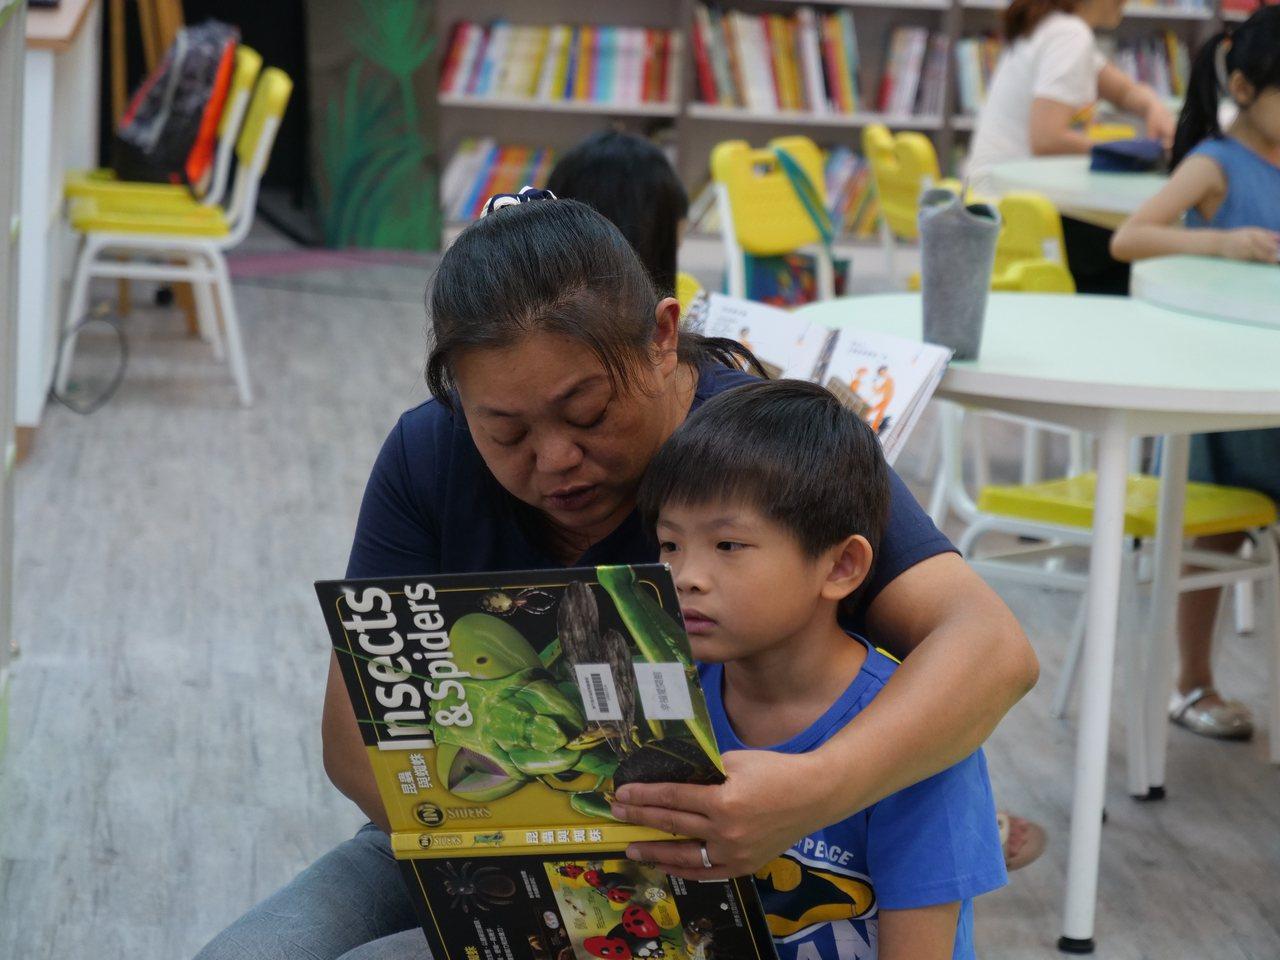 近年親子共讀蔚為風潮,也有研究顯示對孩子大腦發育及語言發展有幫助。報系資...